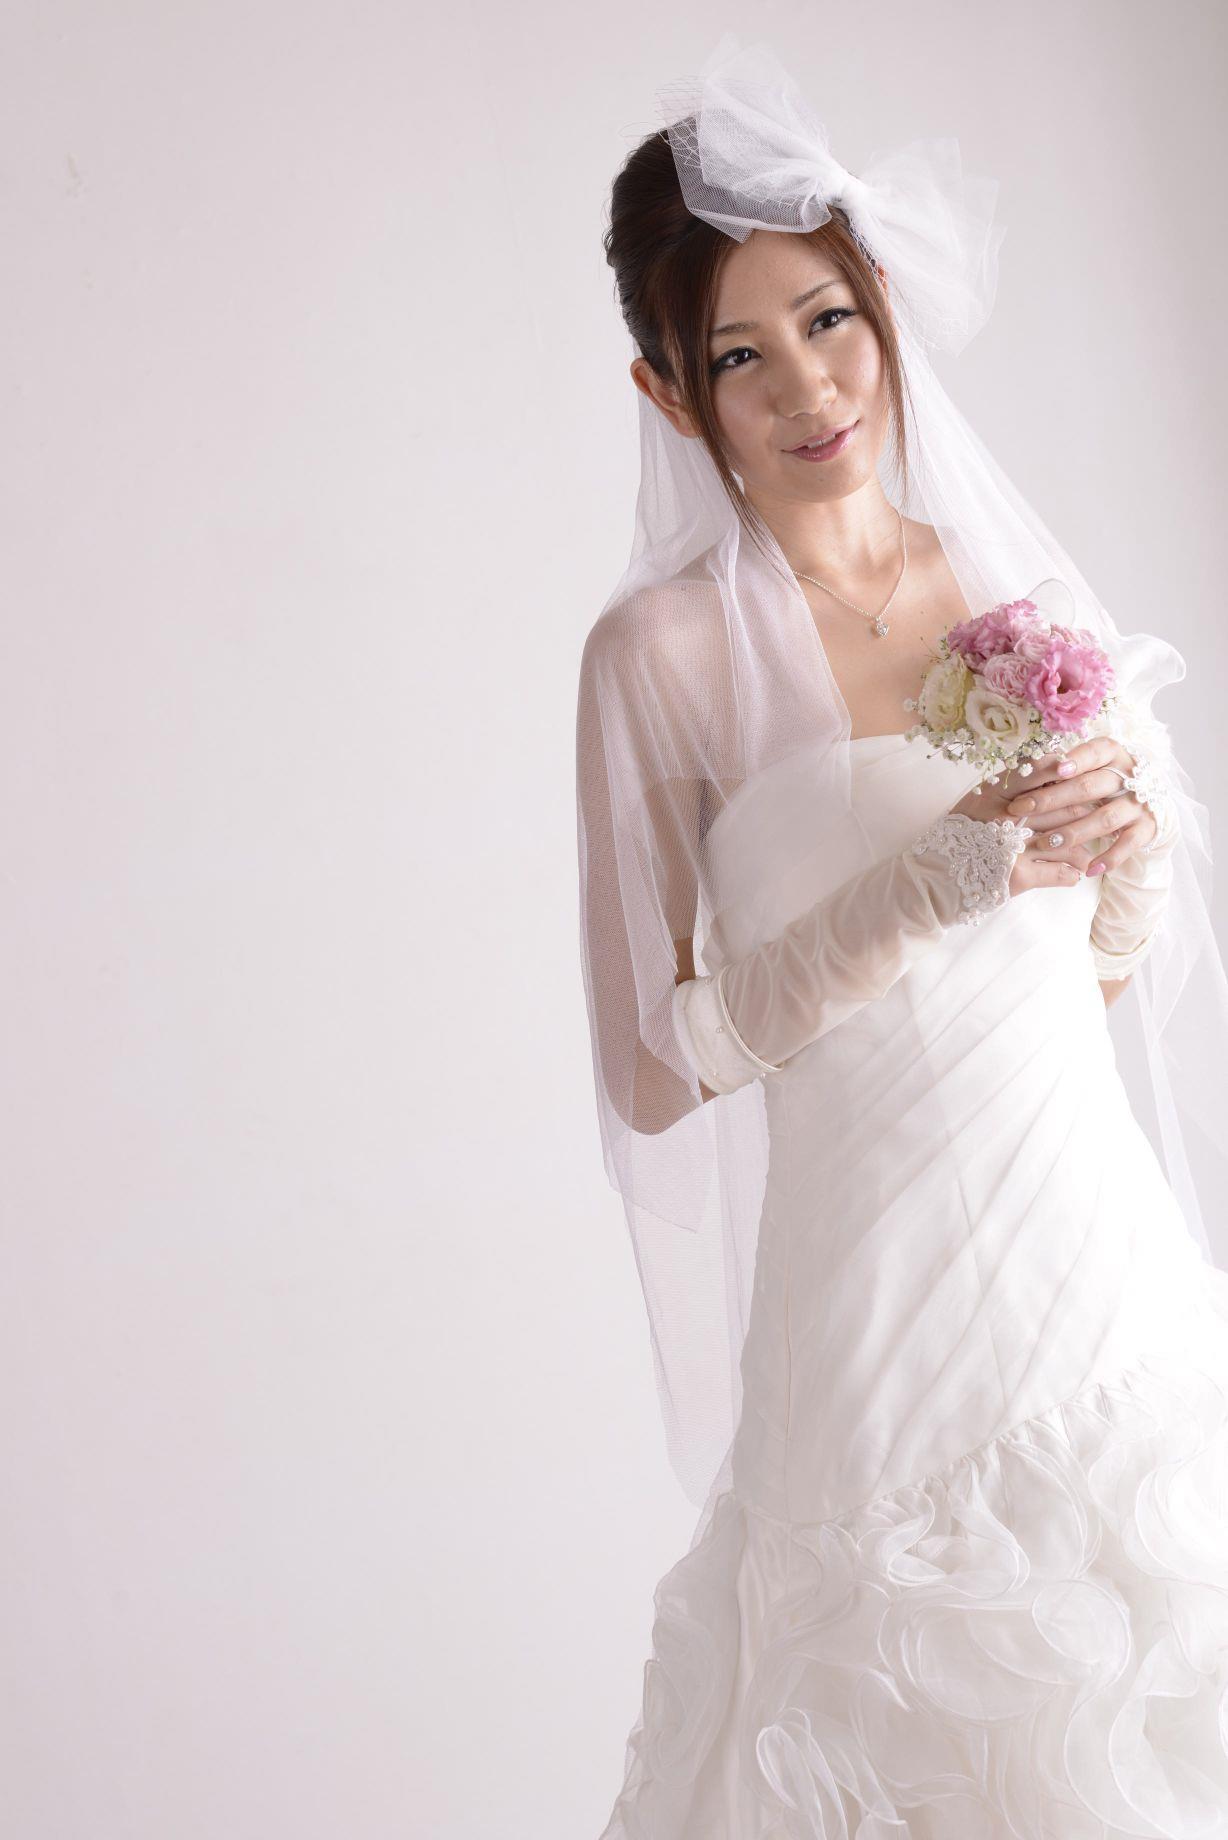 前田かおり ウェディングドレス画像 14